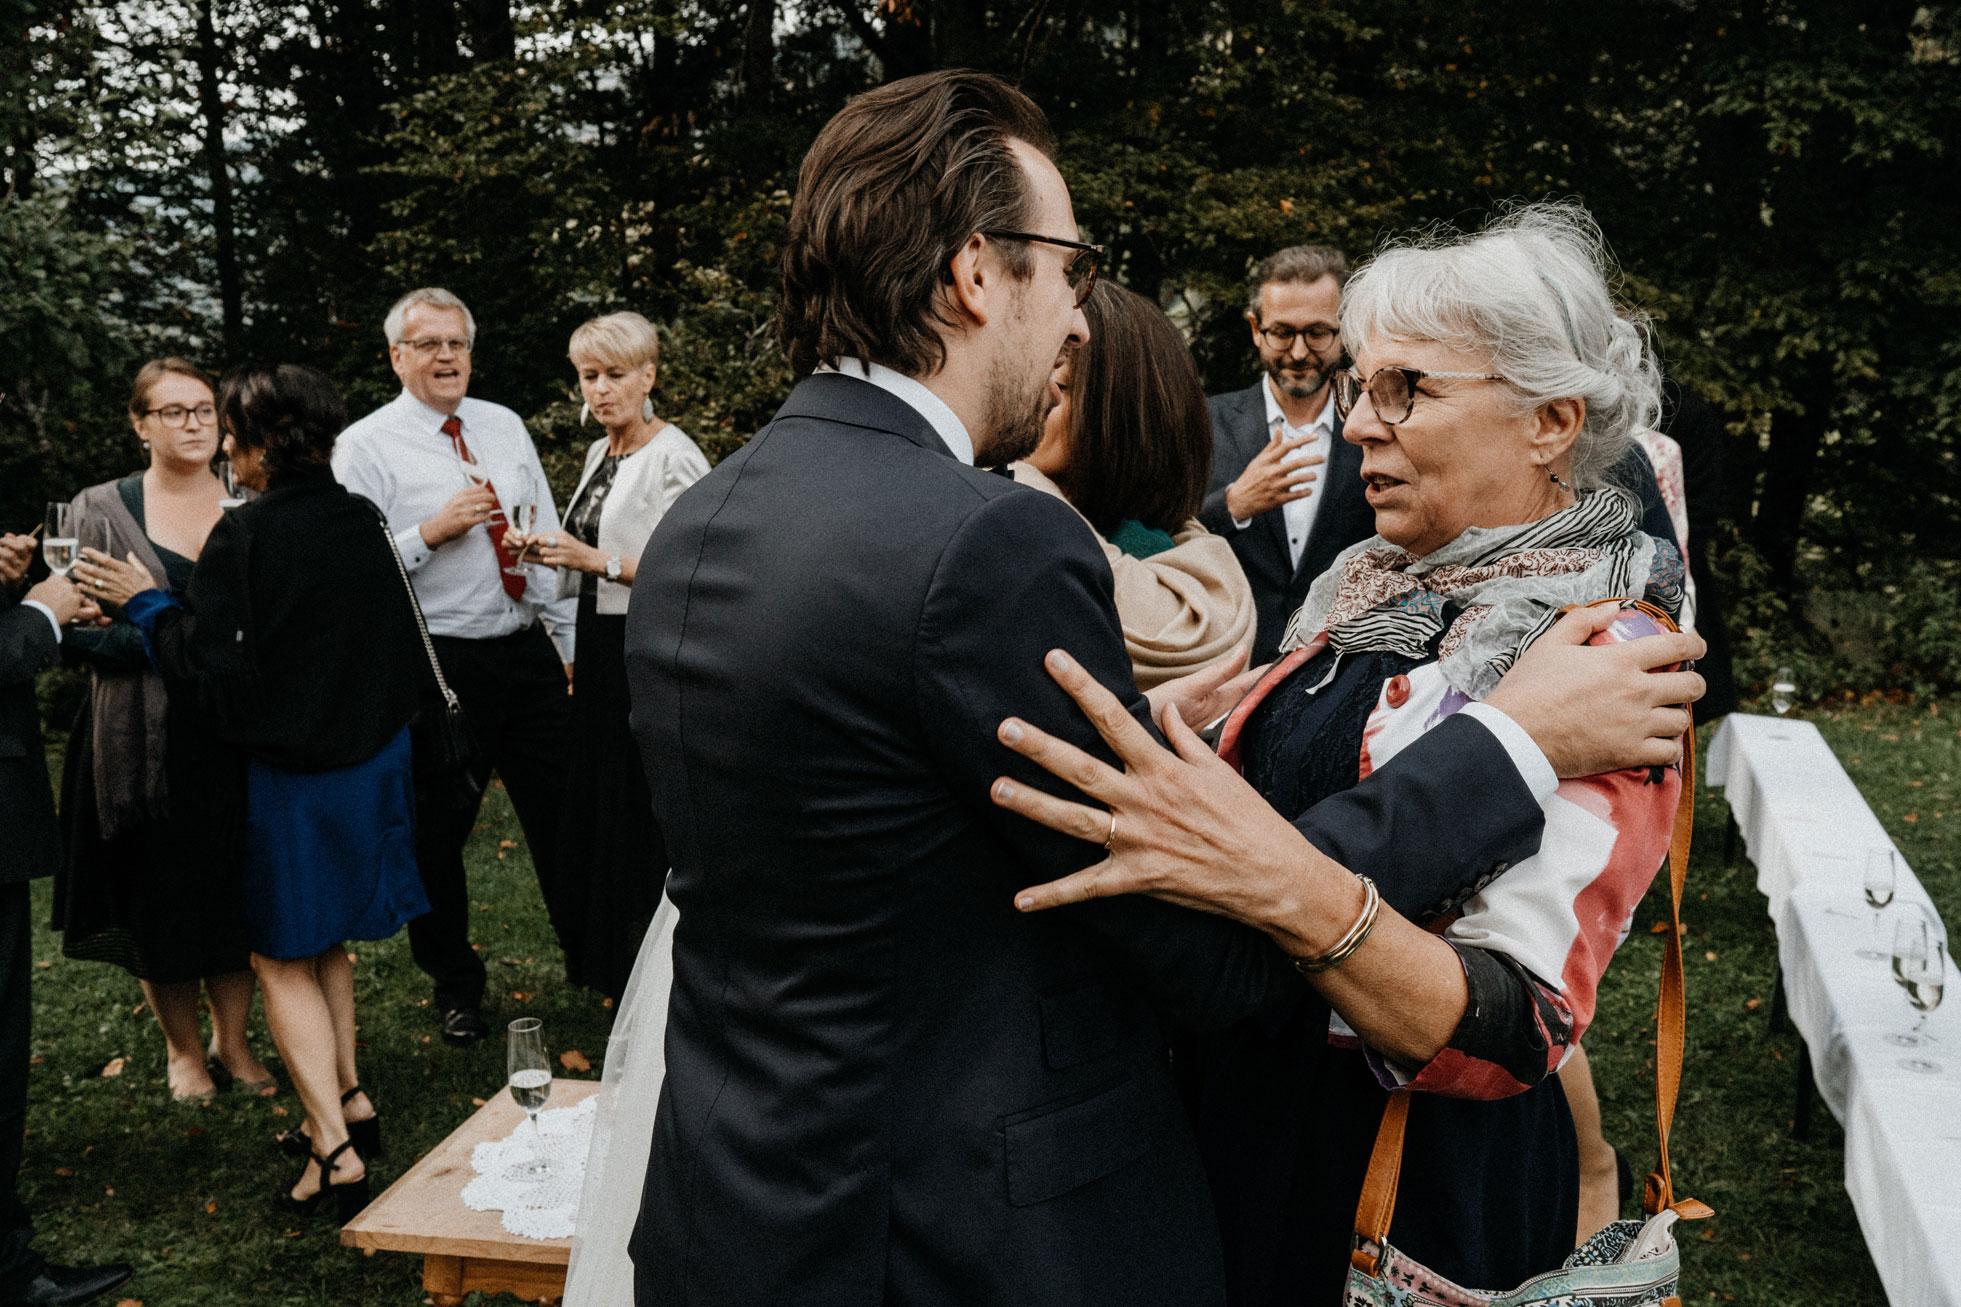 Hochzeit_Claire_Manuel_Villa_Maund_Daniel_Jenny-277.jpg